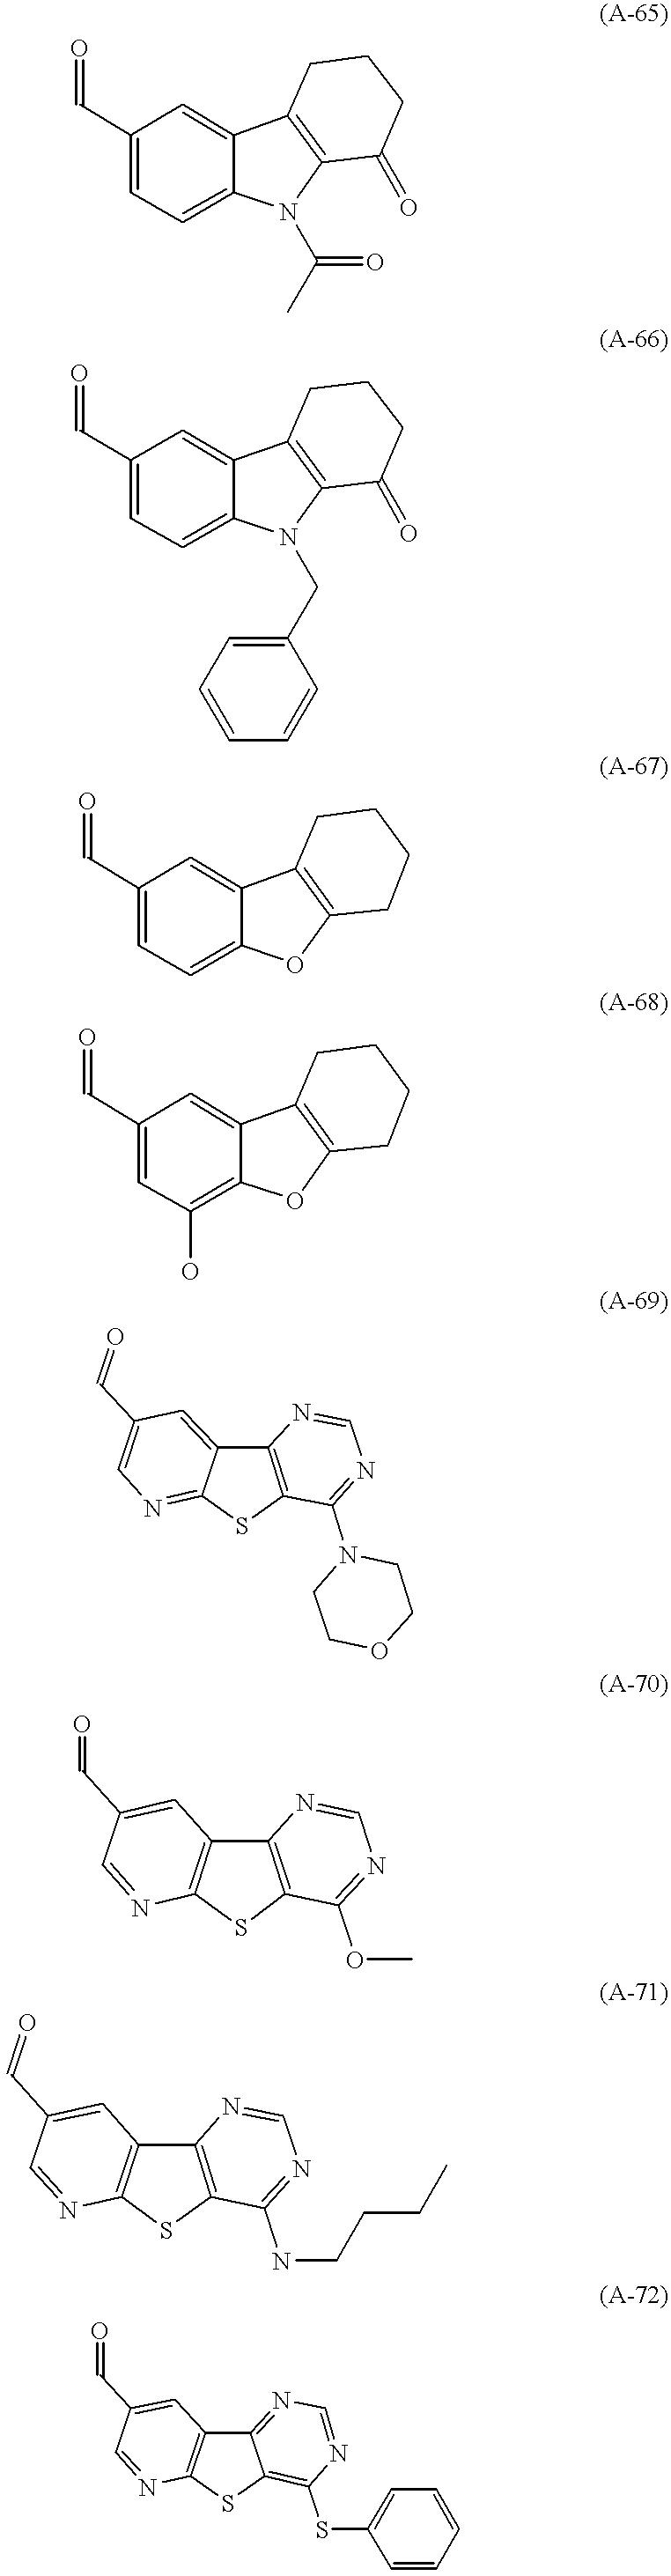 Figure US06514981-20030204-C00023